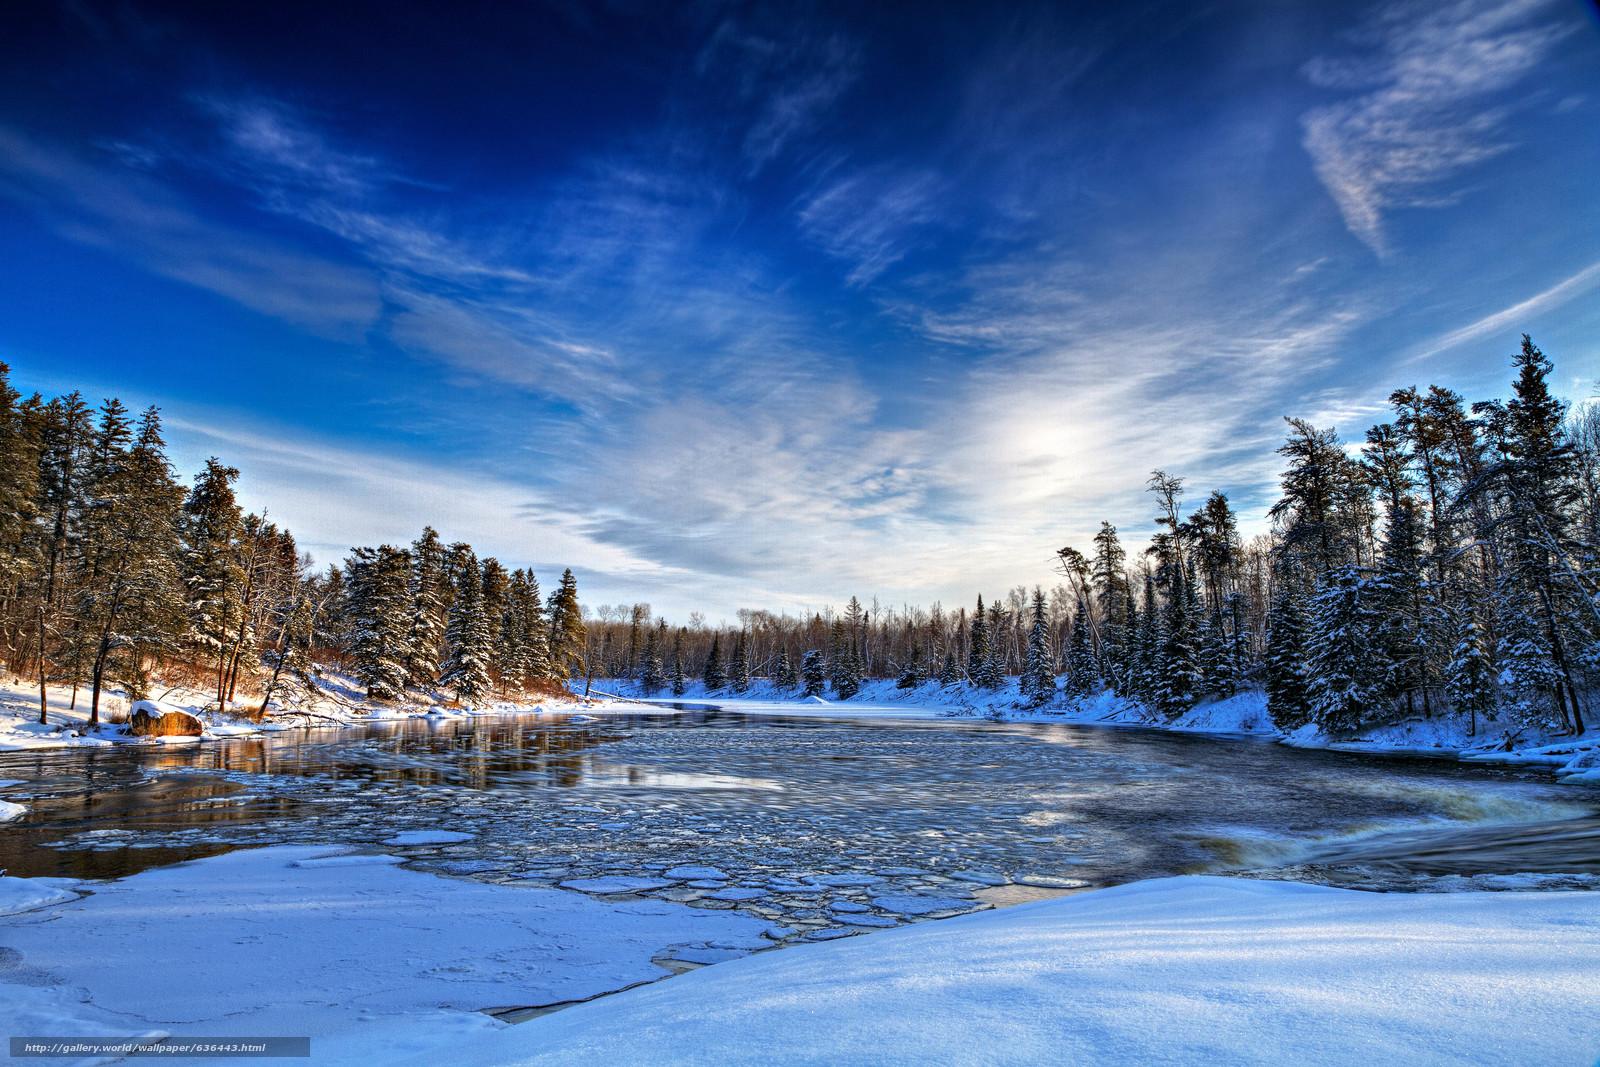 下载壁纸 冬天,  河,  树,  景观 免费为您的桌面分辨率的壁纸 5183x3455 — 图片 №636443